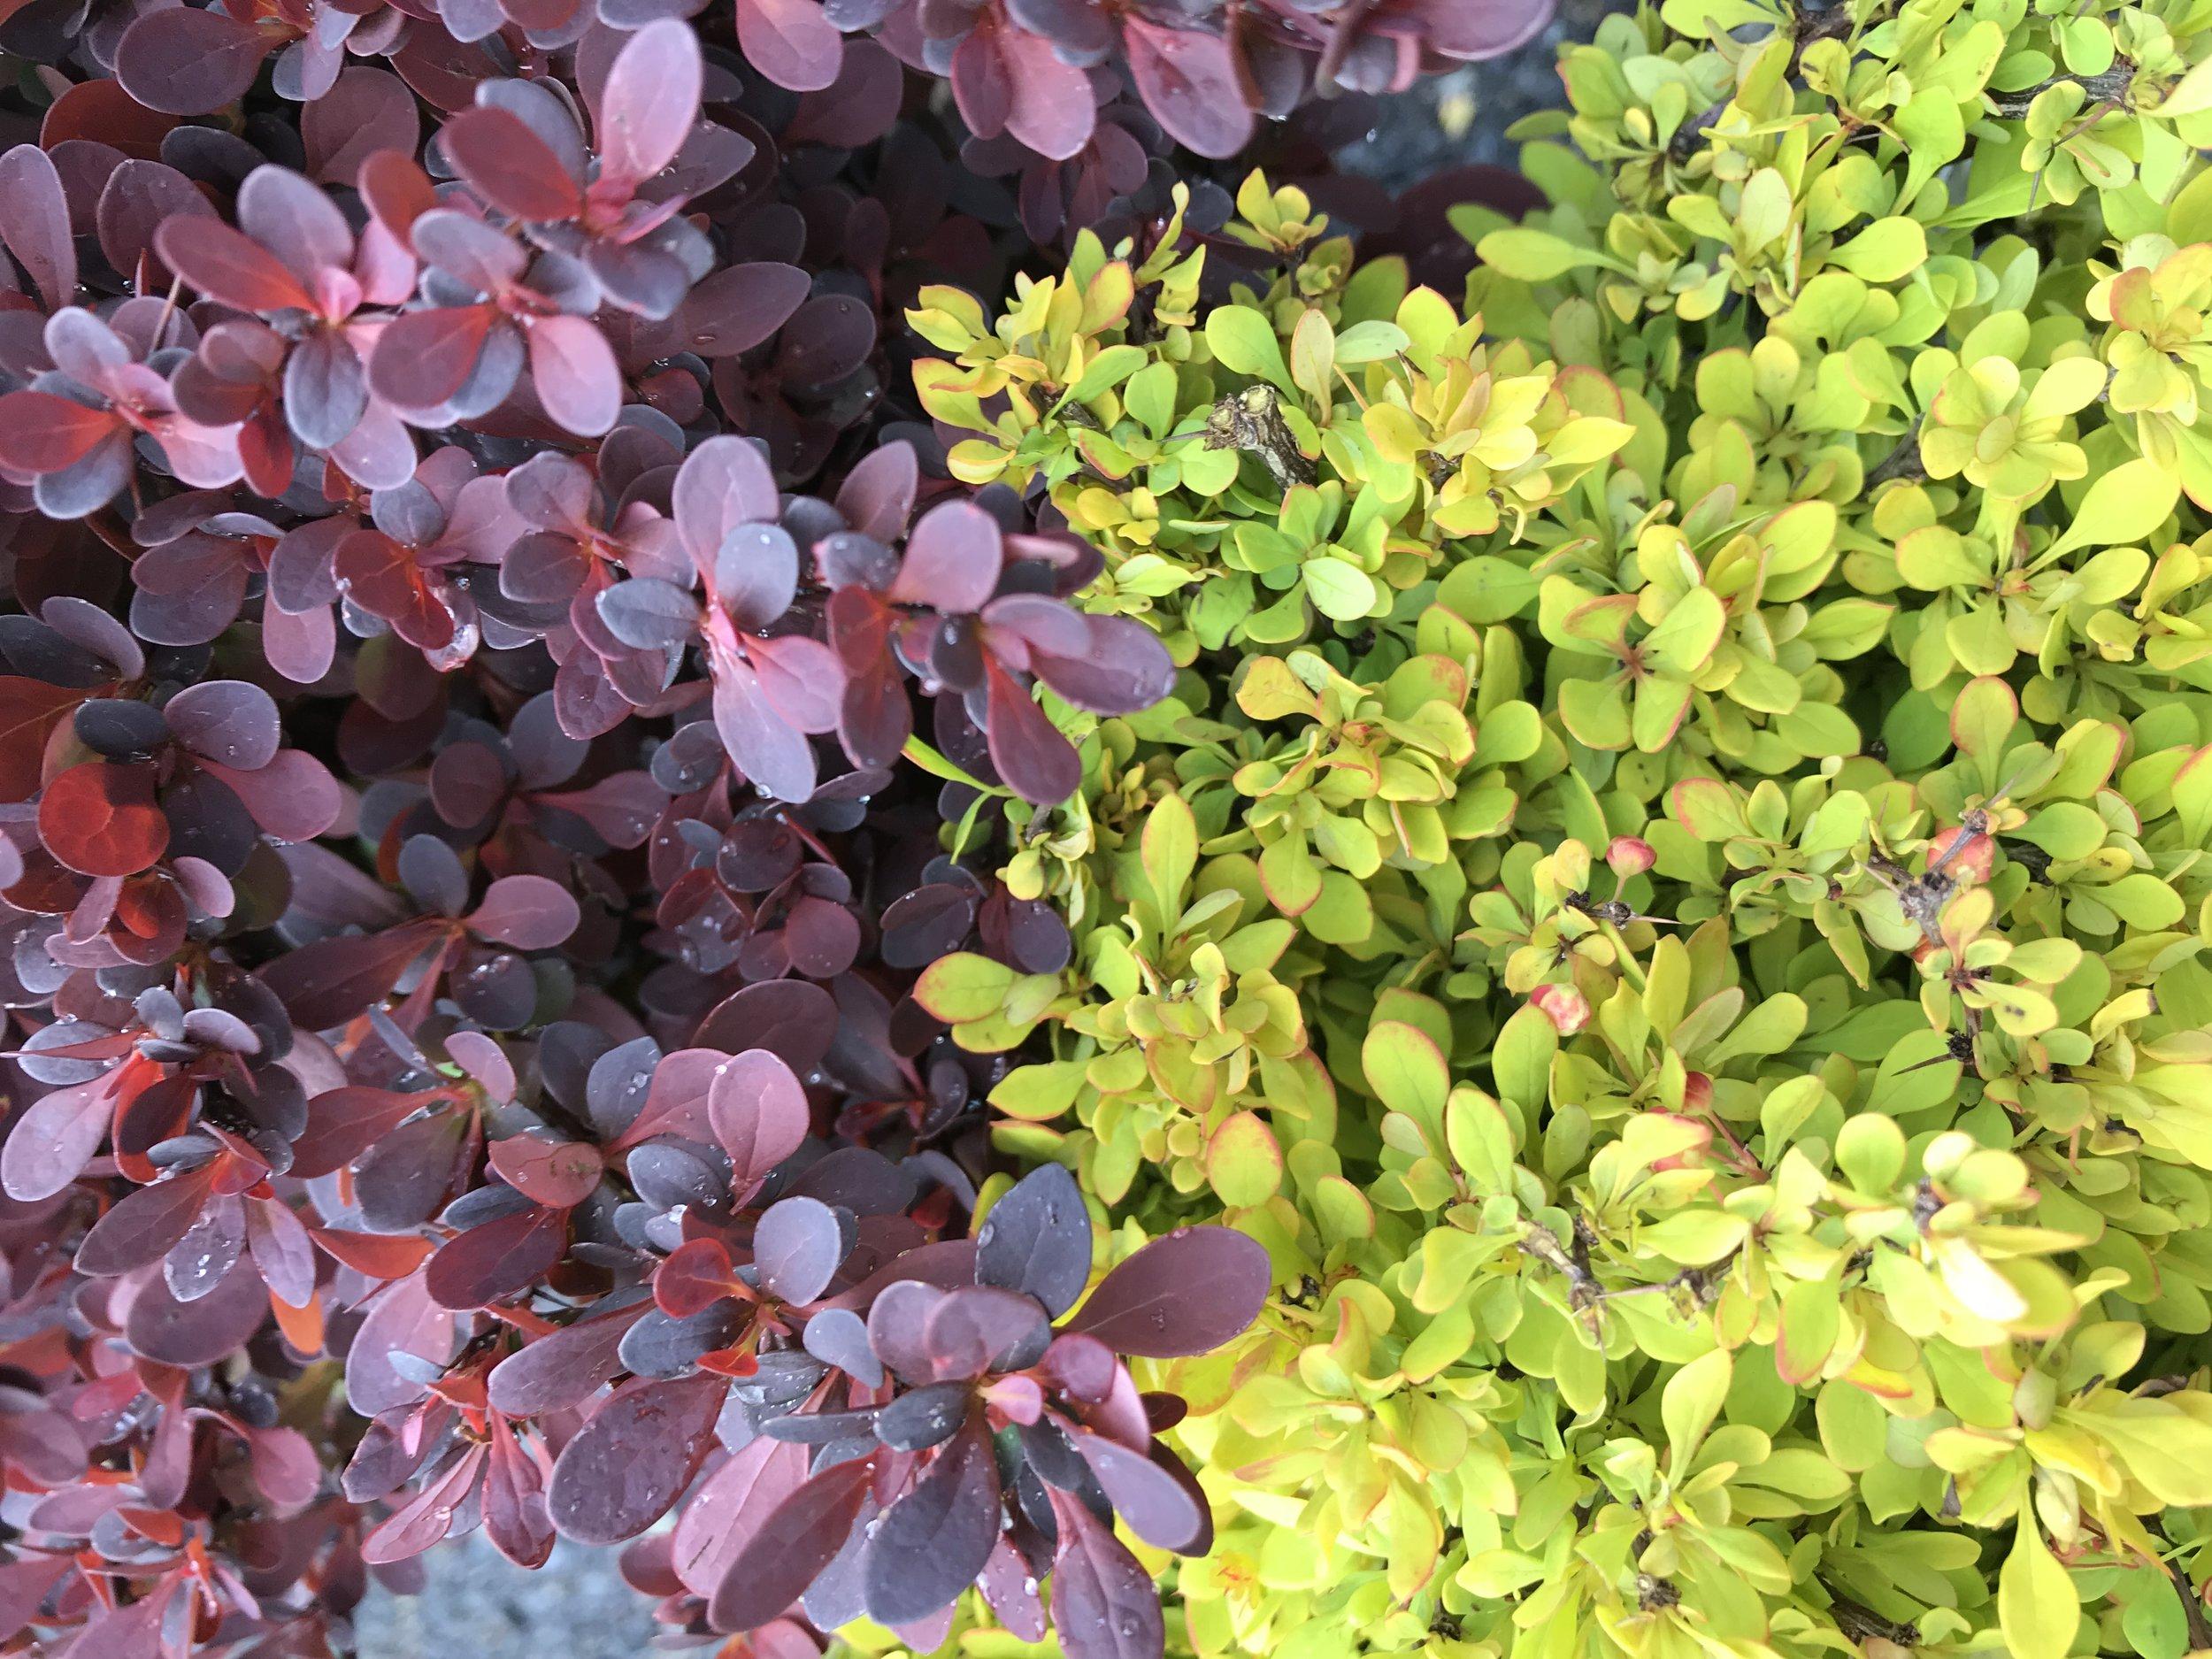 Berberis thunbergii  'Rose Glow' (L) and  Berberis thunbergii  'Monlers' Can (R)